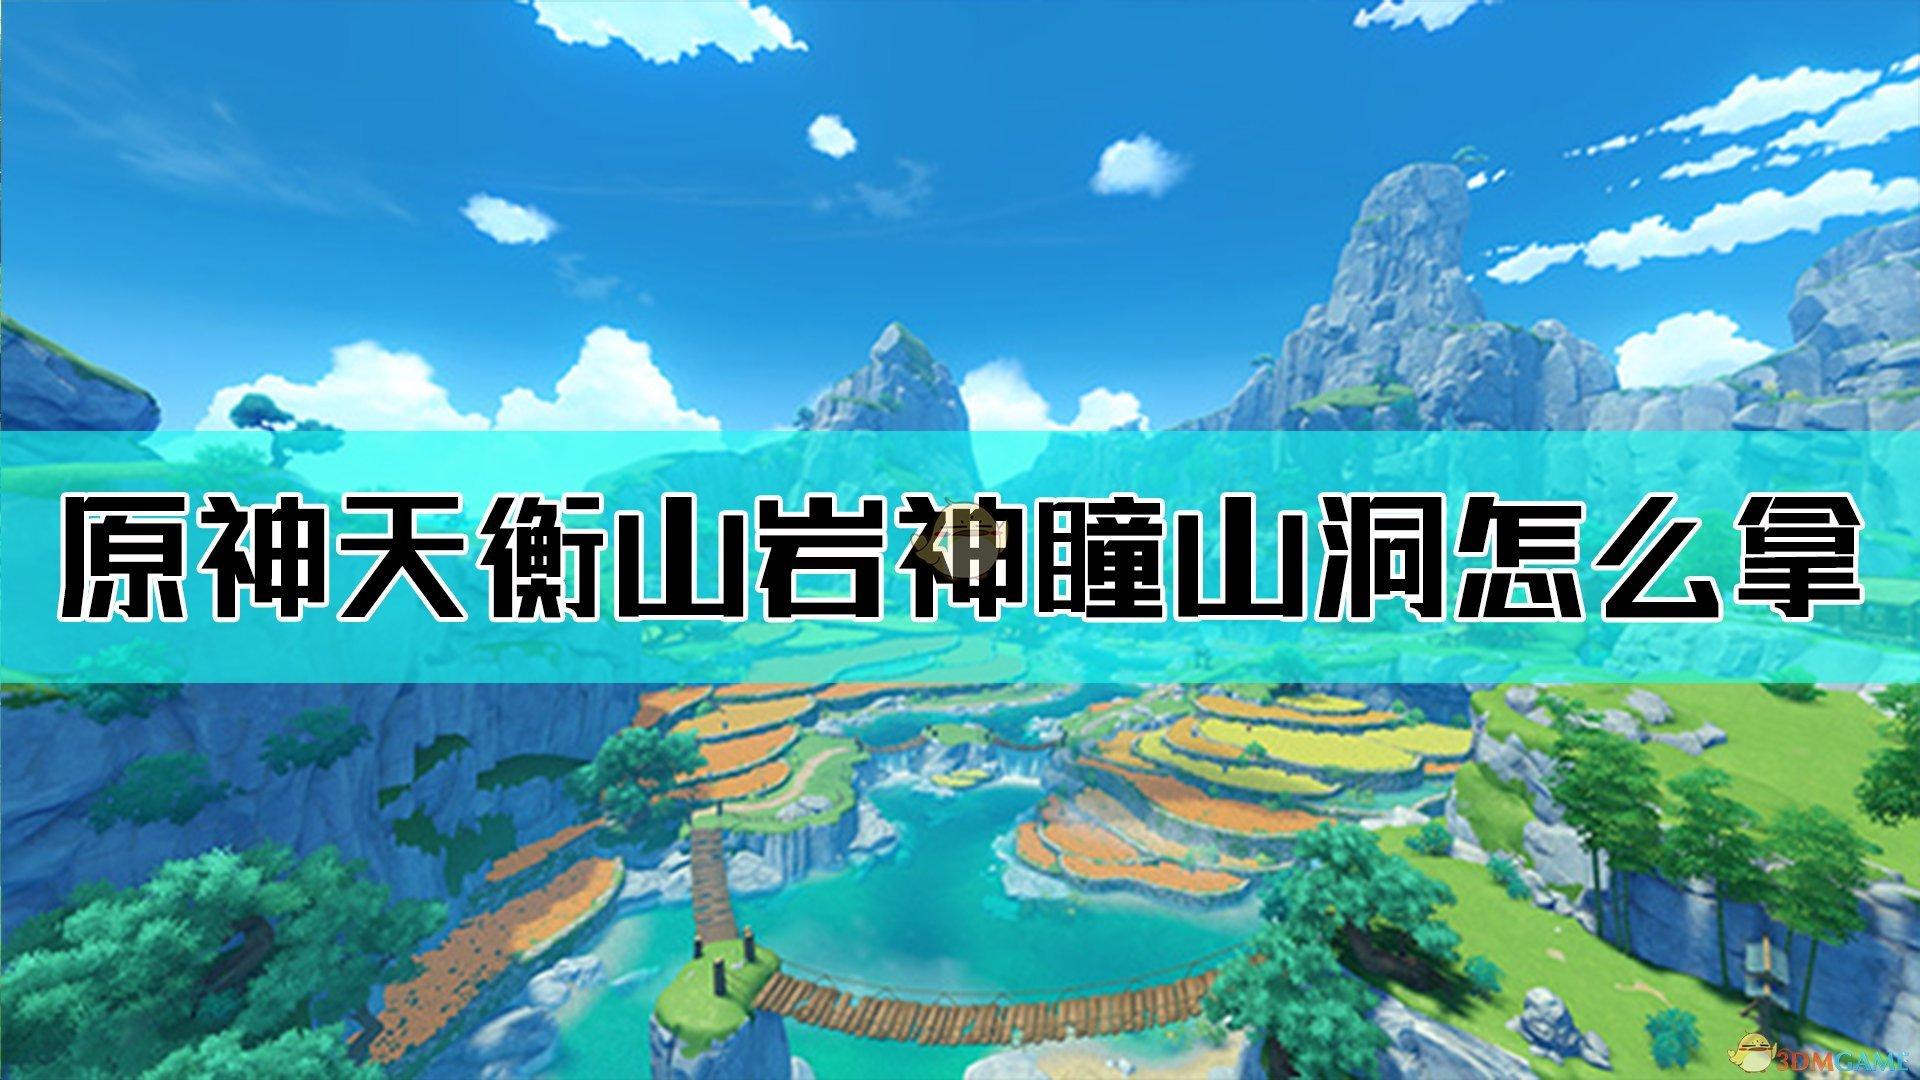 《原神》天衡山岩神瞳位置地图